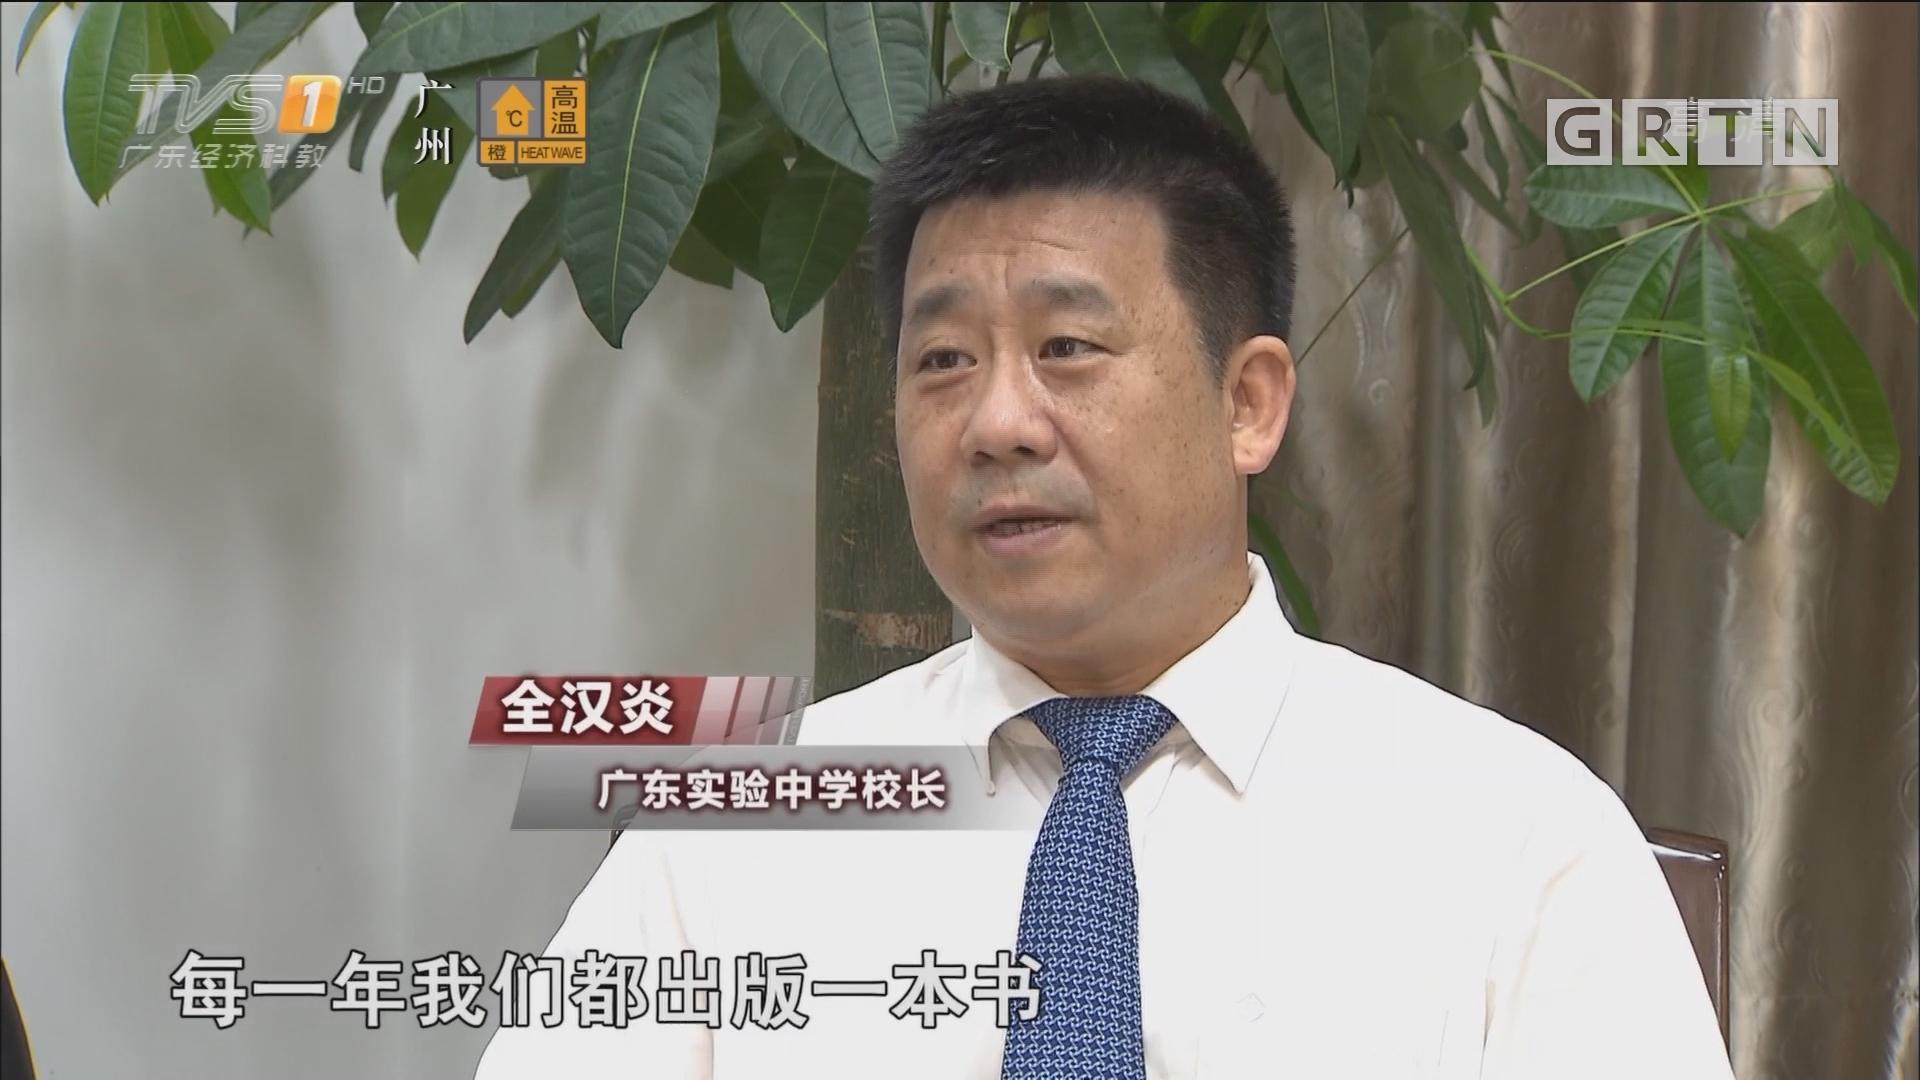 省实校长全汉炎:经年传递的省实气质